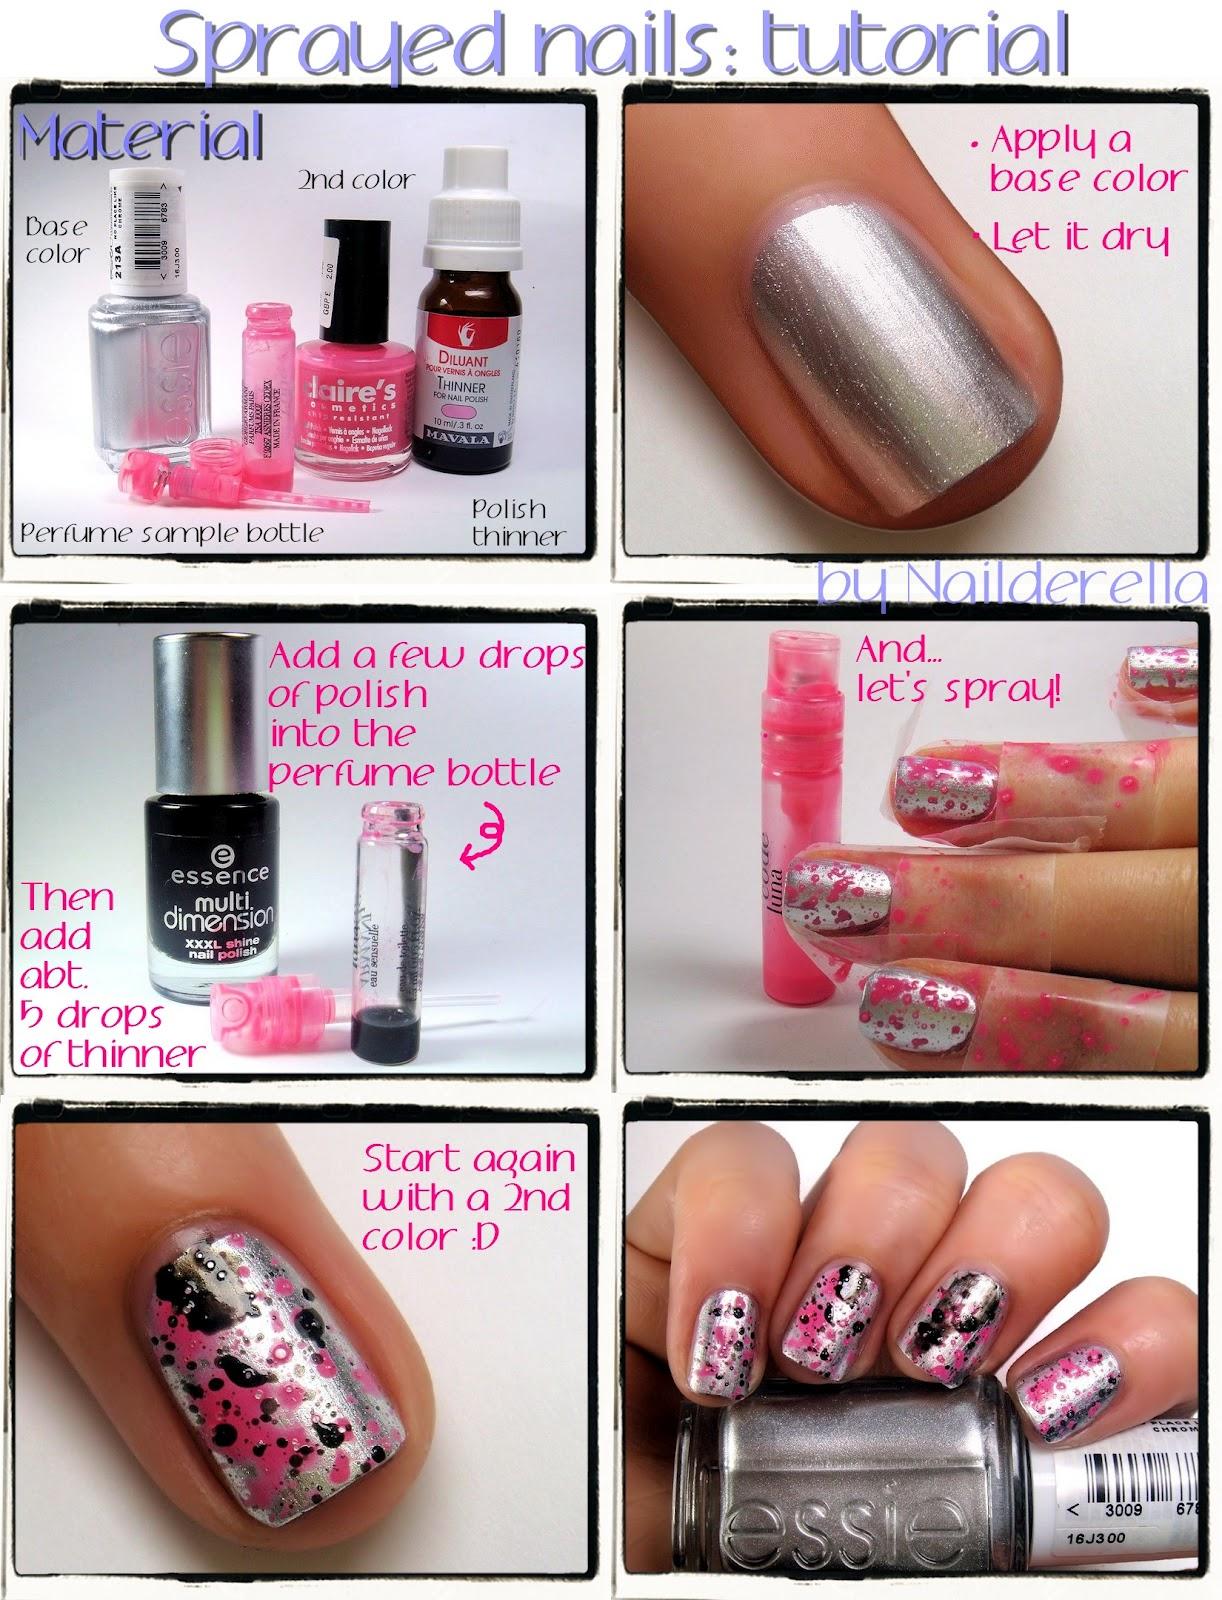 Sprayed manicure - Nailderella